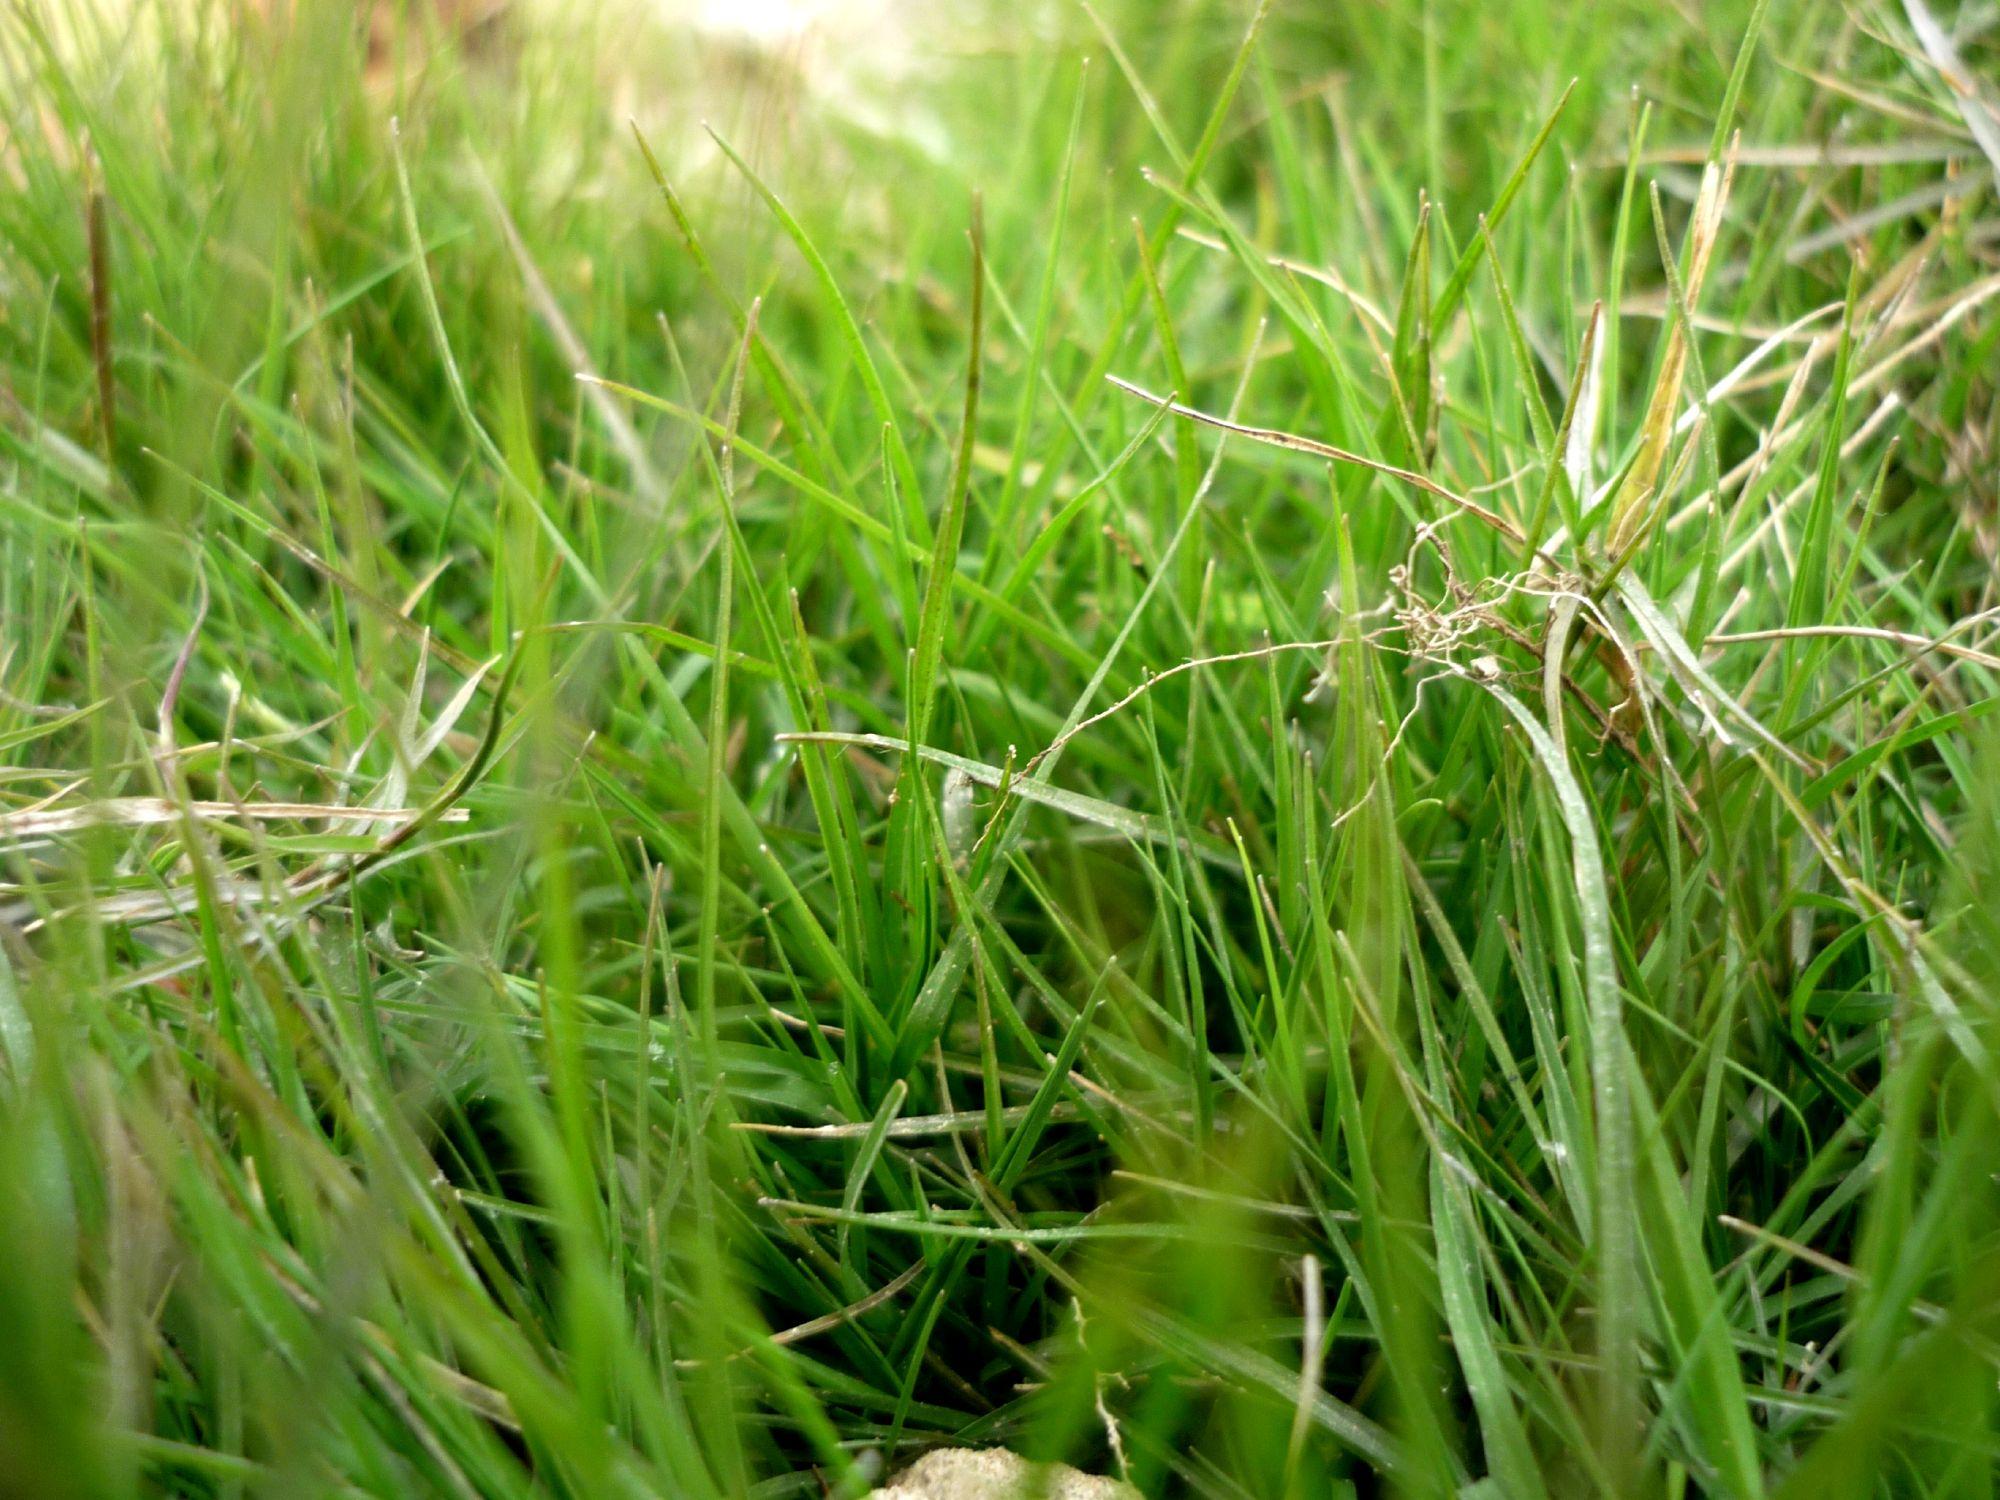 Green Grass, Garden, Grass, Green, Ground, HQ Photo